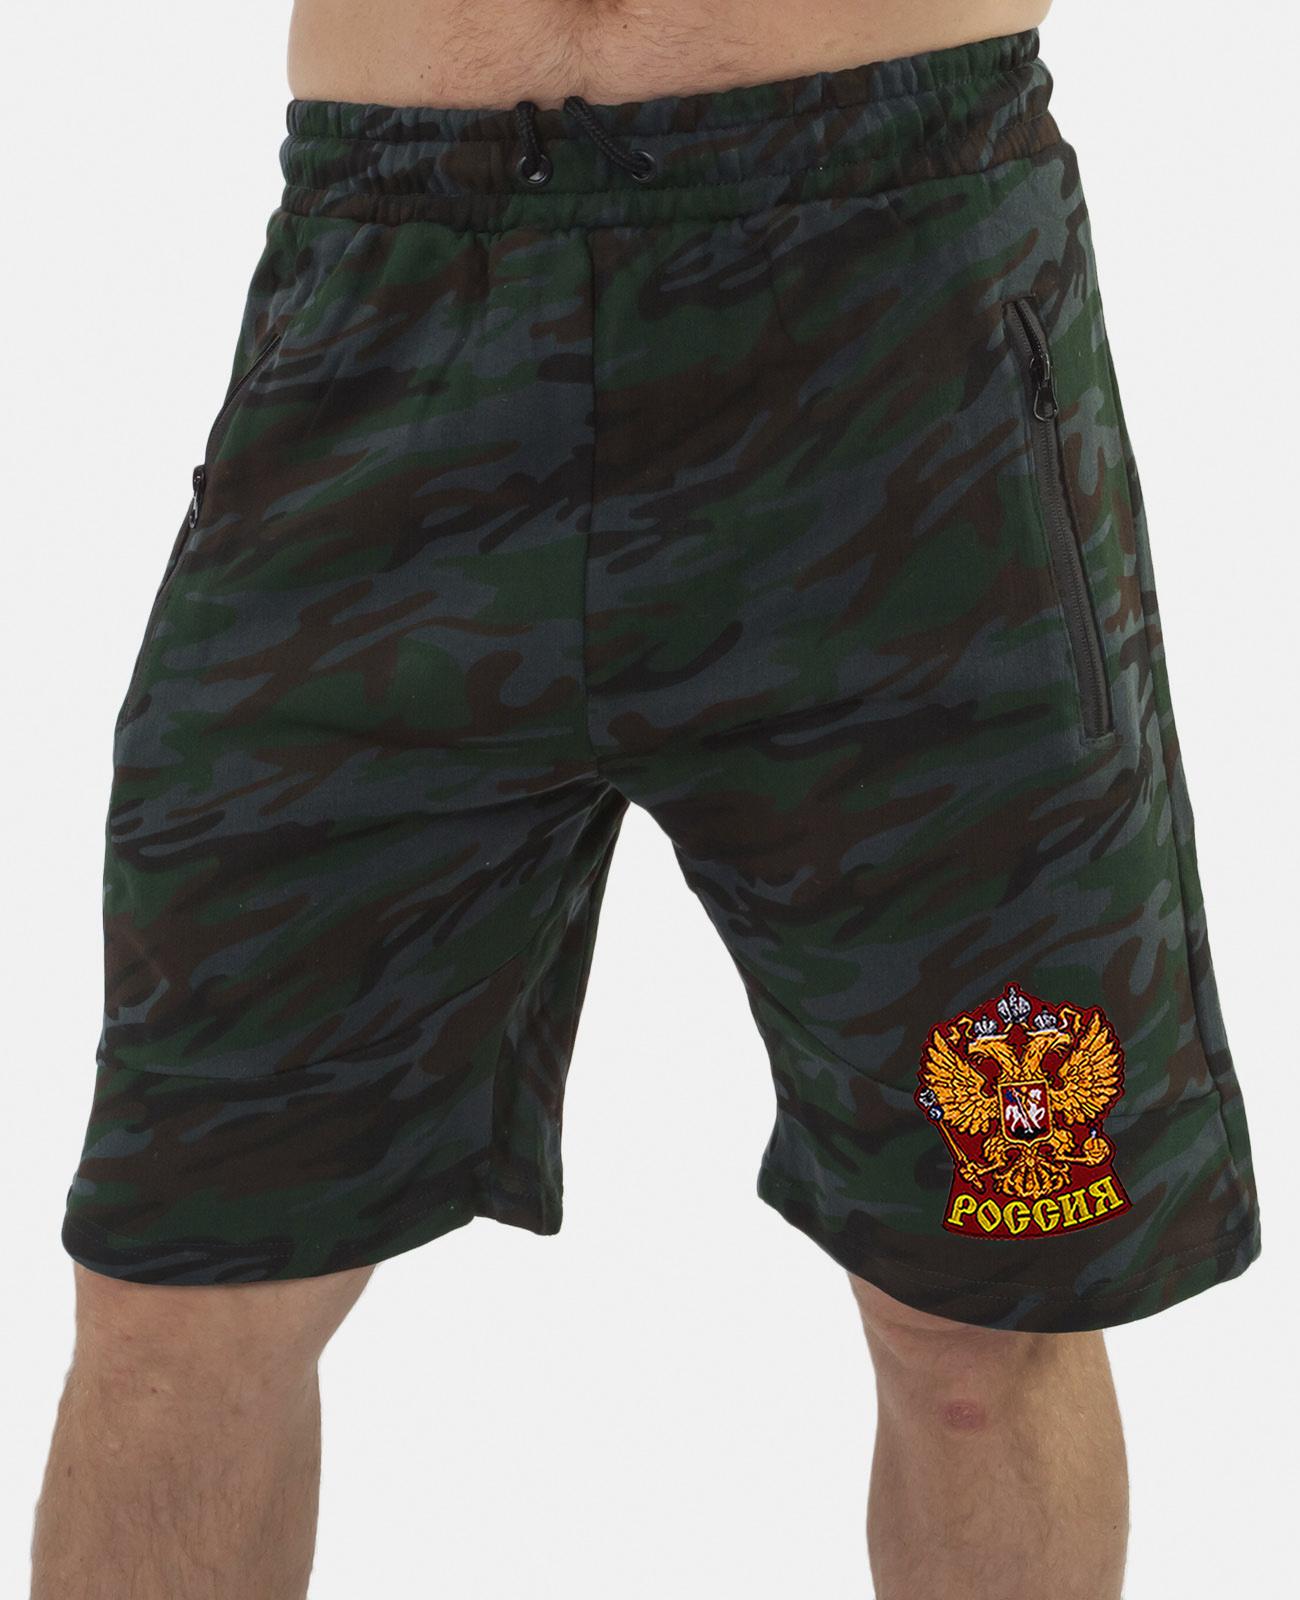 Купить удлиненные мужские шорты с нашивкой Россия оптом или в розницу